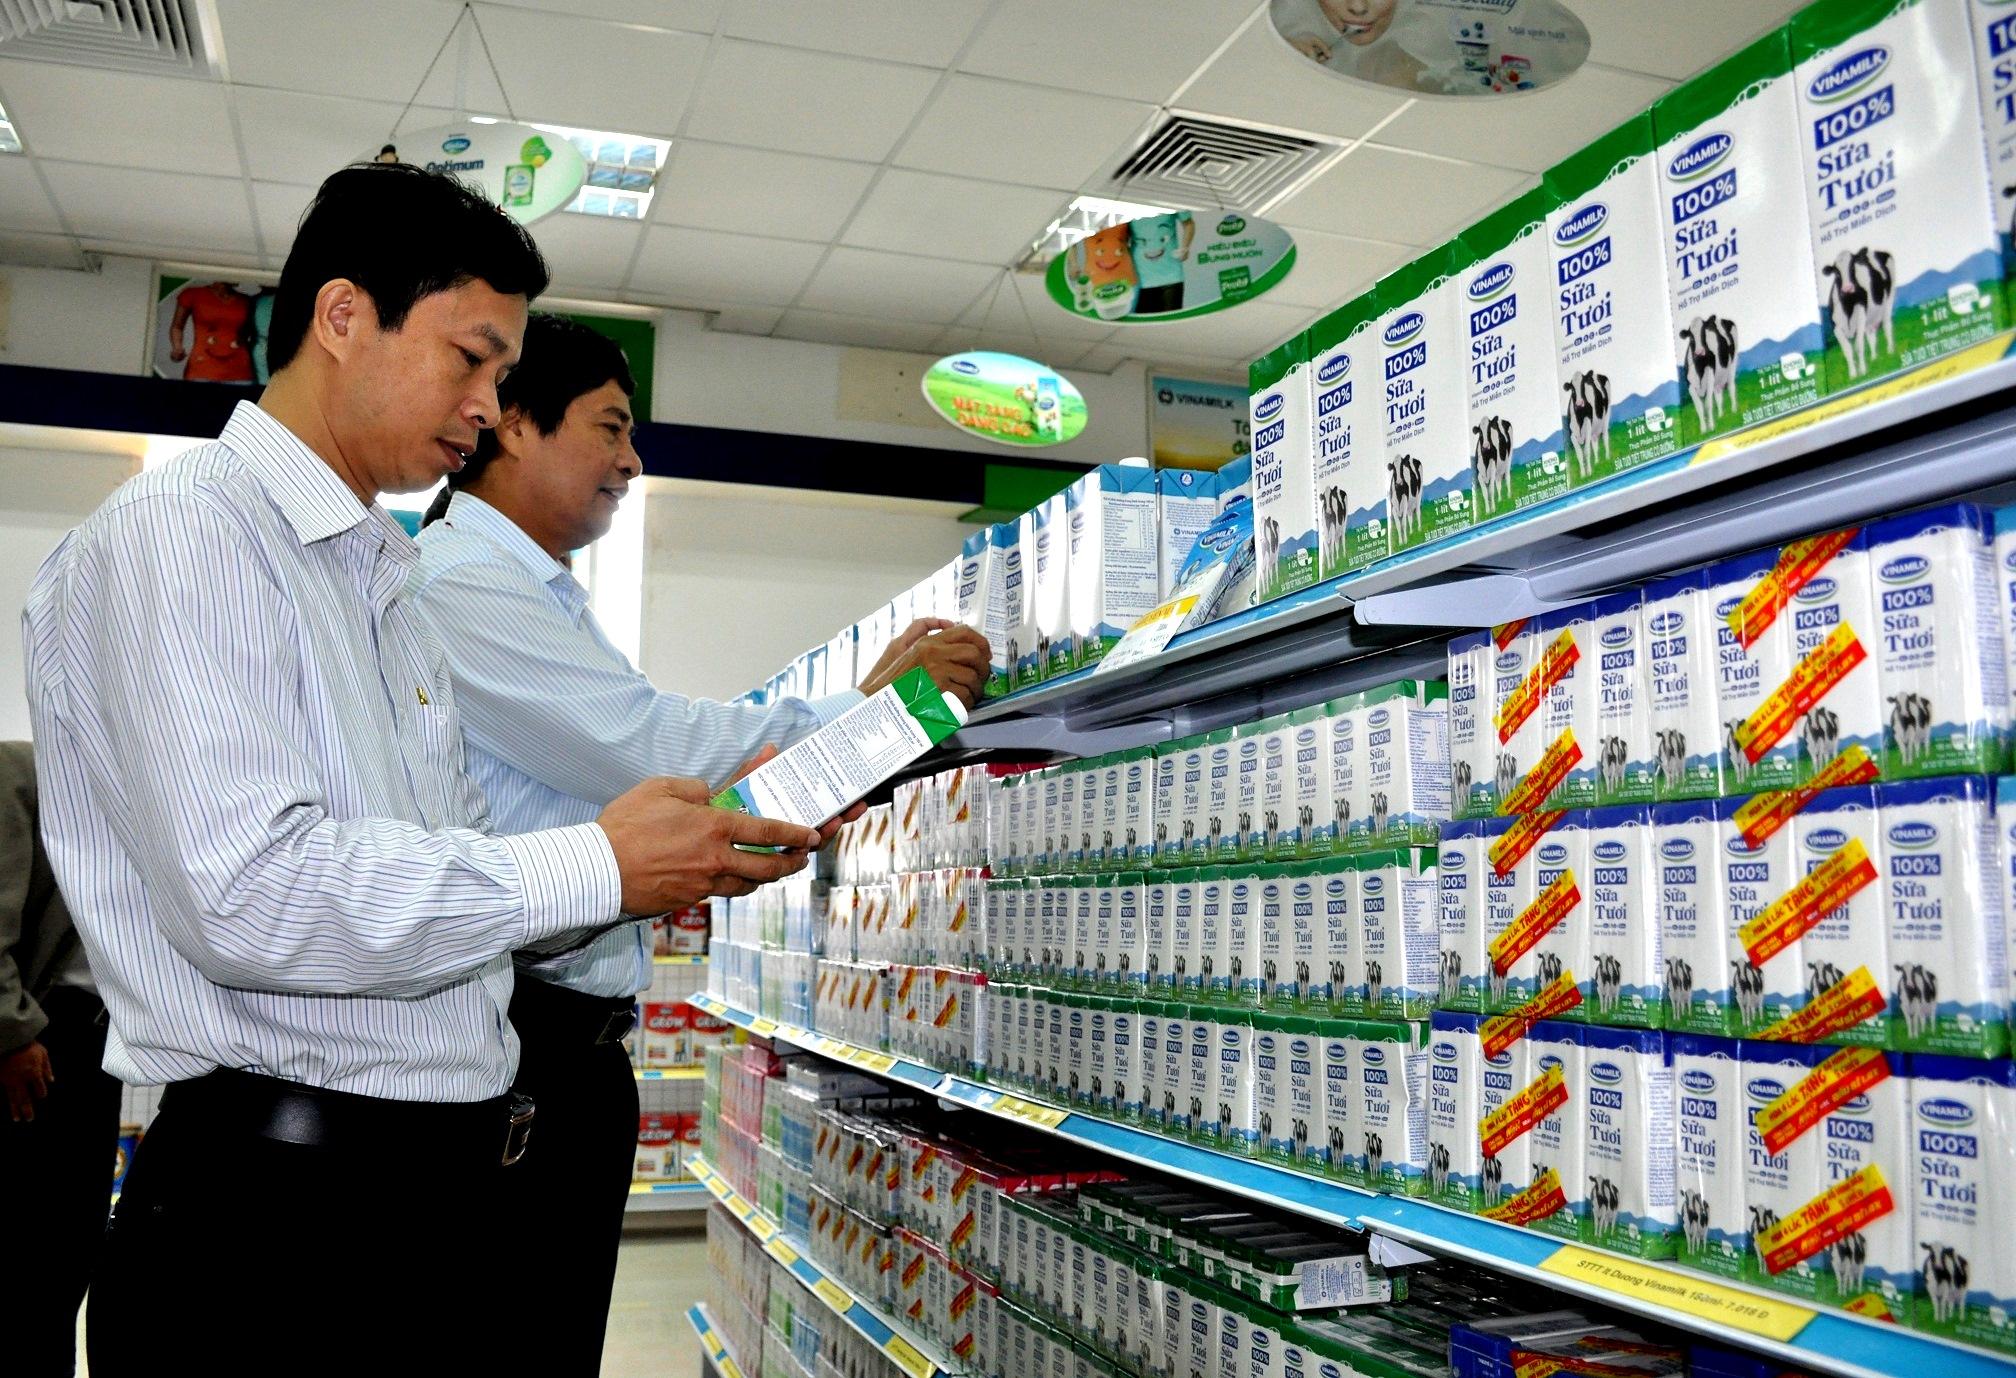 70% sữa trên thị trường không phải sữa tươi